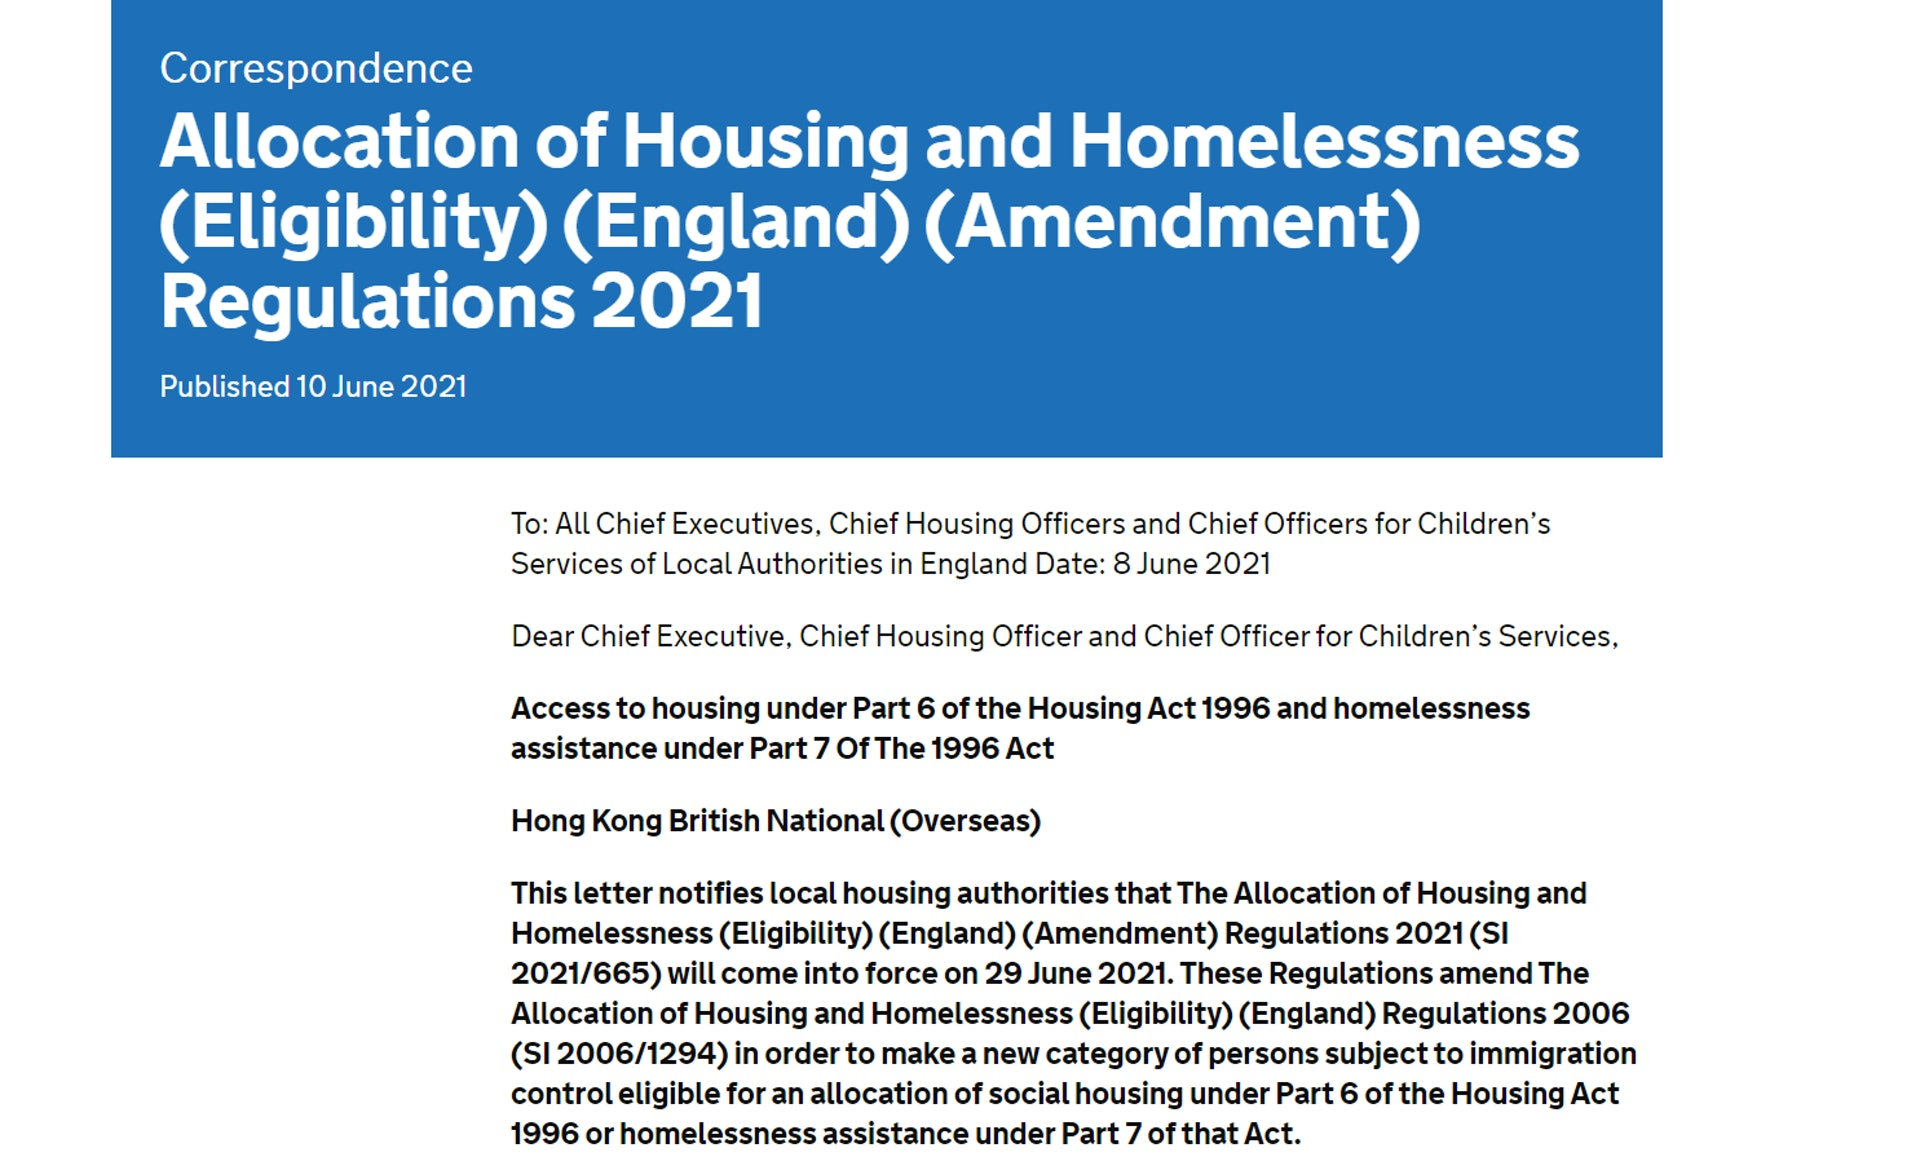 英國住房、社區與地方政府事務部2021年6月10日發出的信件(網站截圖)